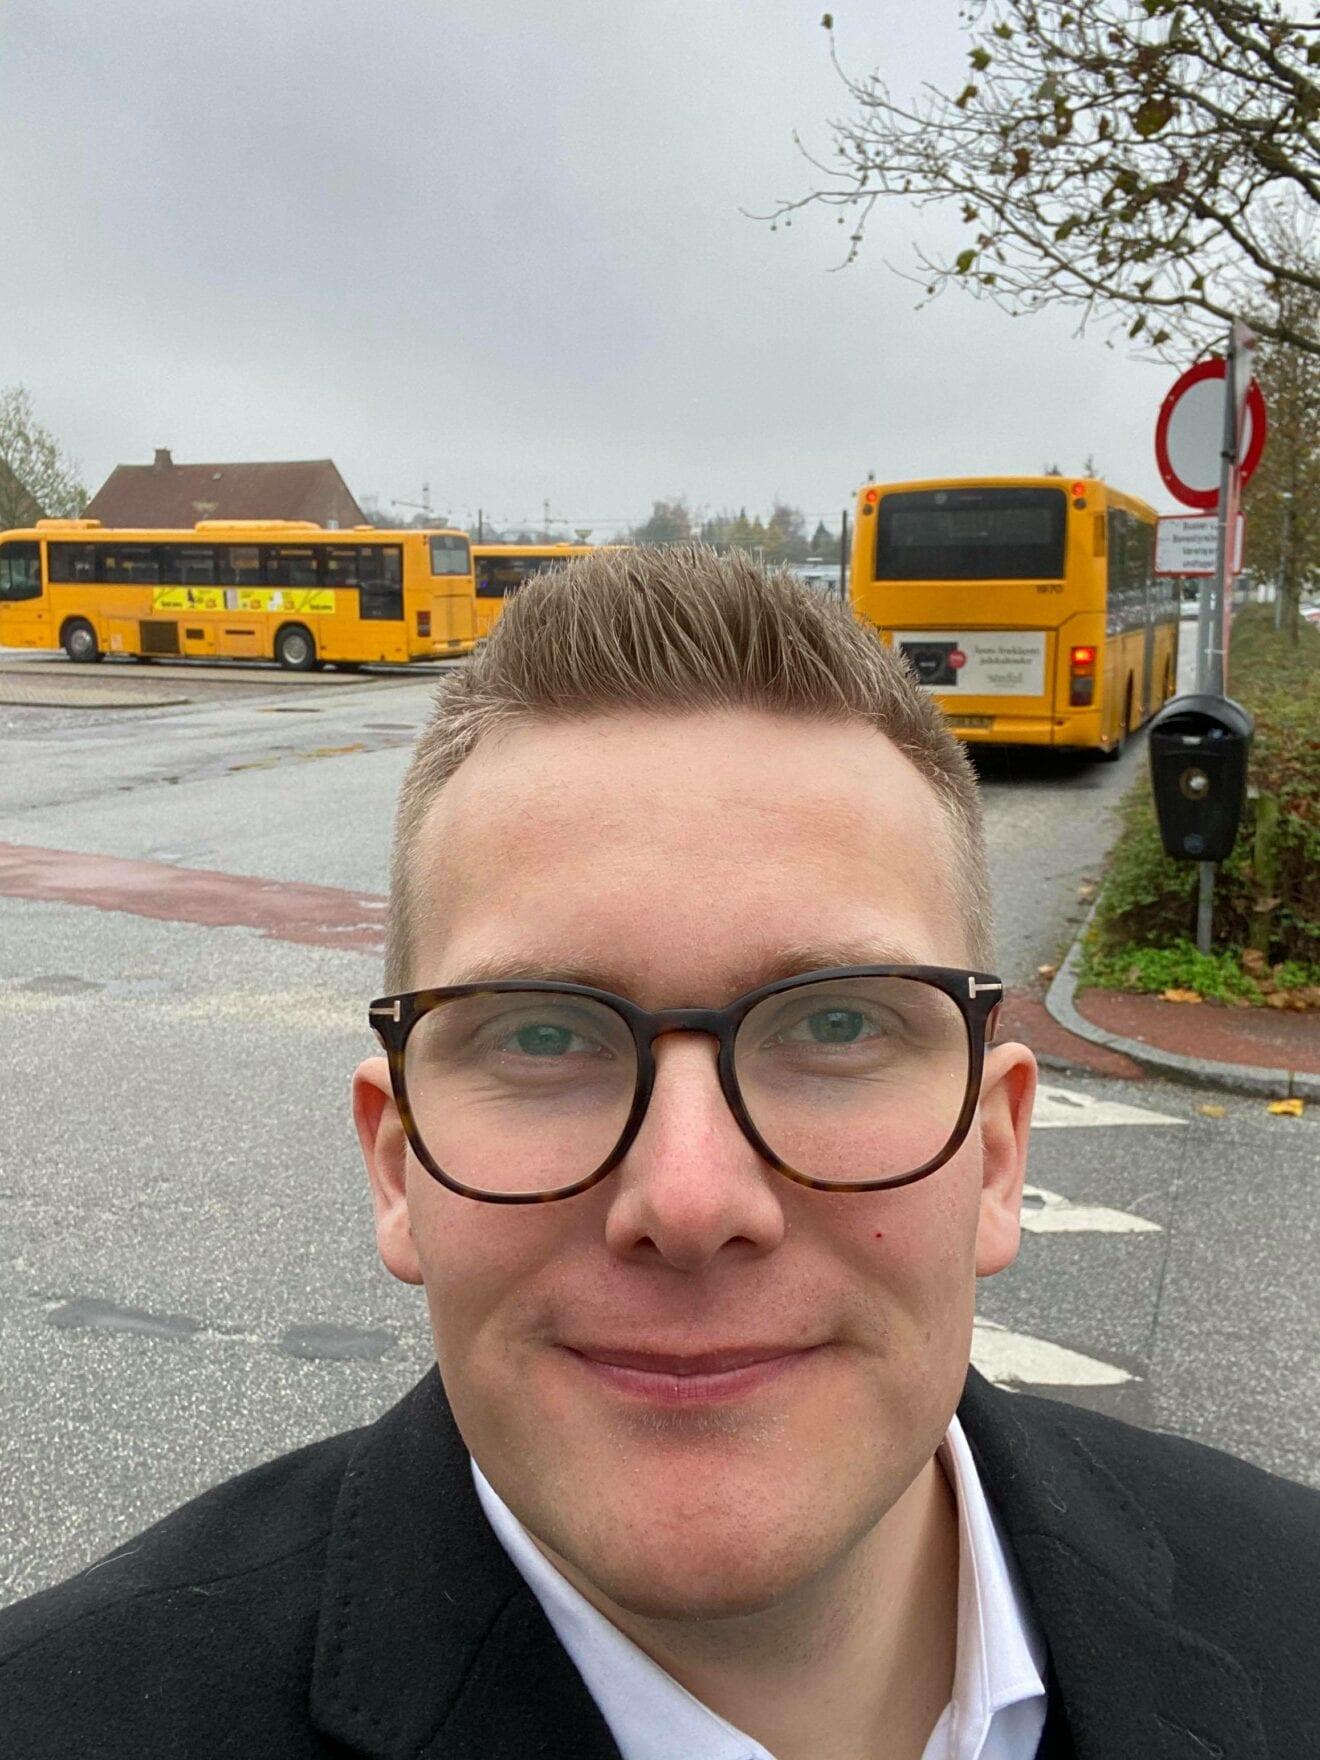 Nu får Ringsted Kommune 100% CO2-neutrale busser